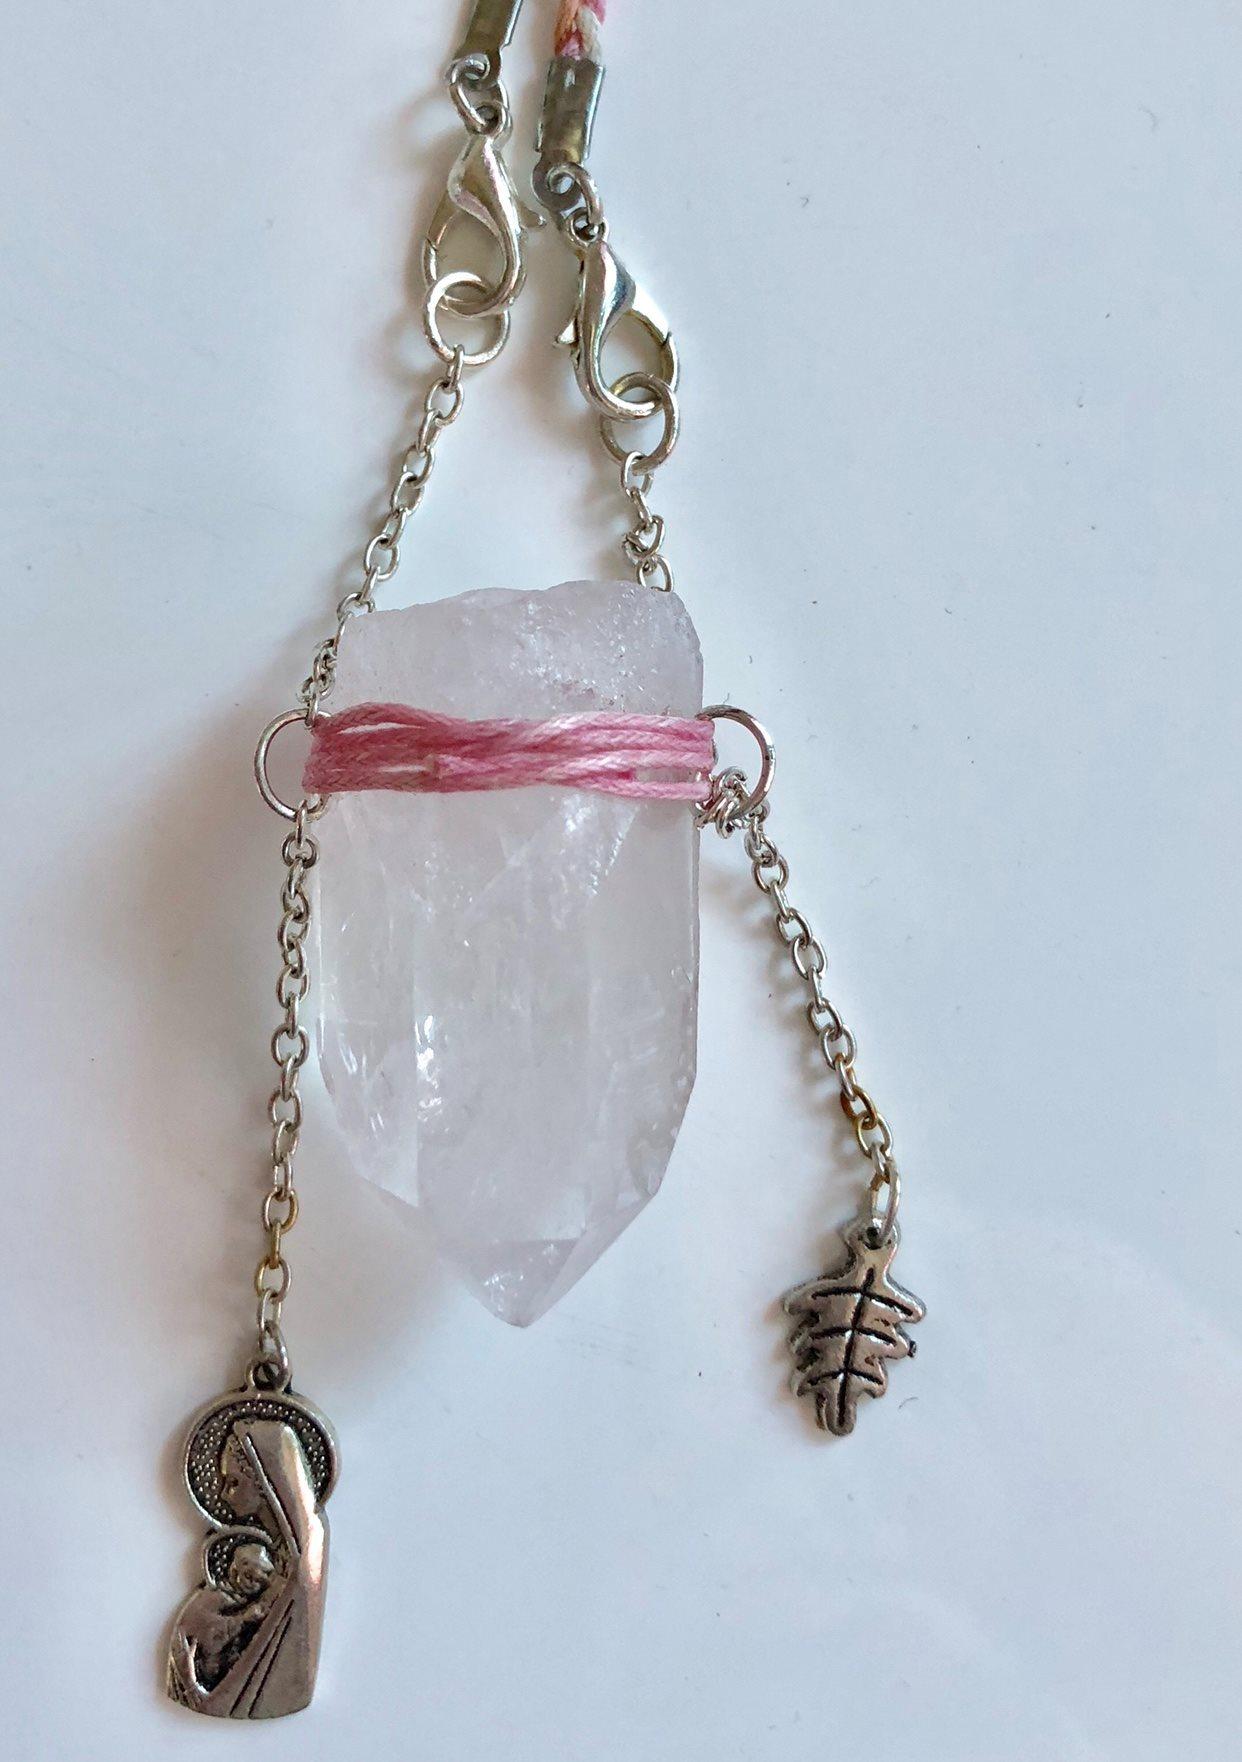 Bergskristall spets hantverk (331547143) ᐈ Köp på Tradera 009ed357d2db0